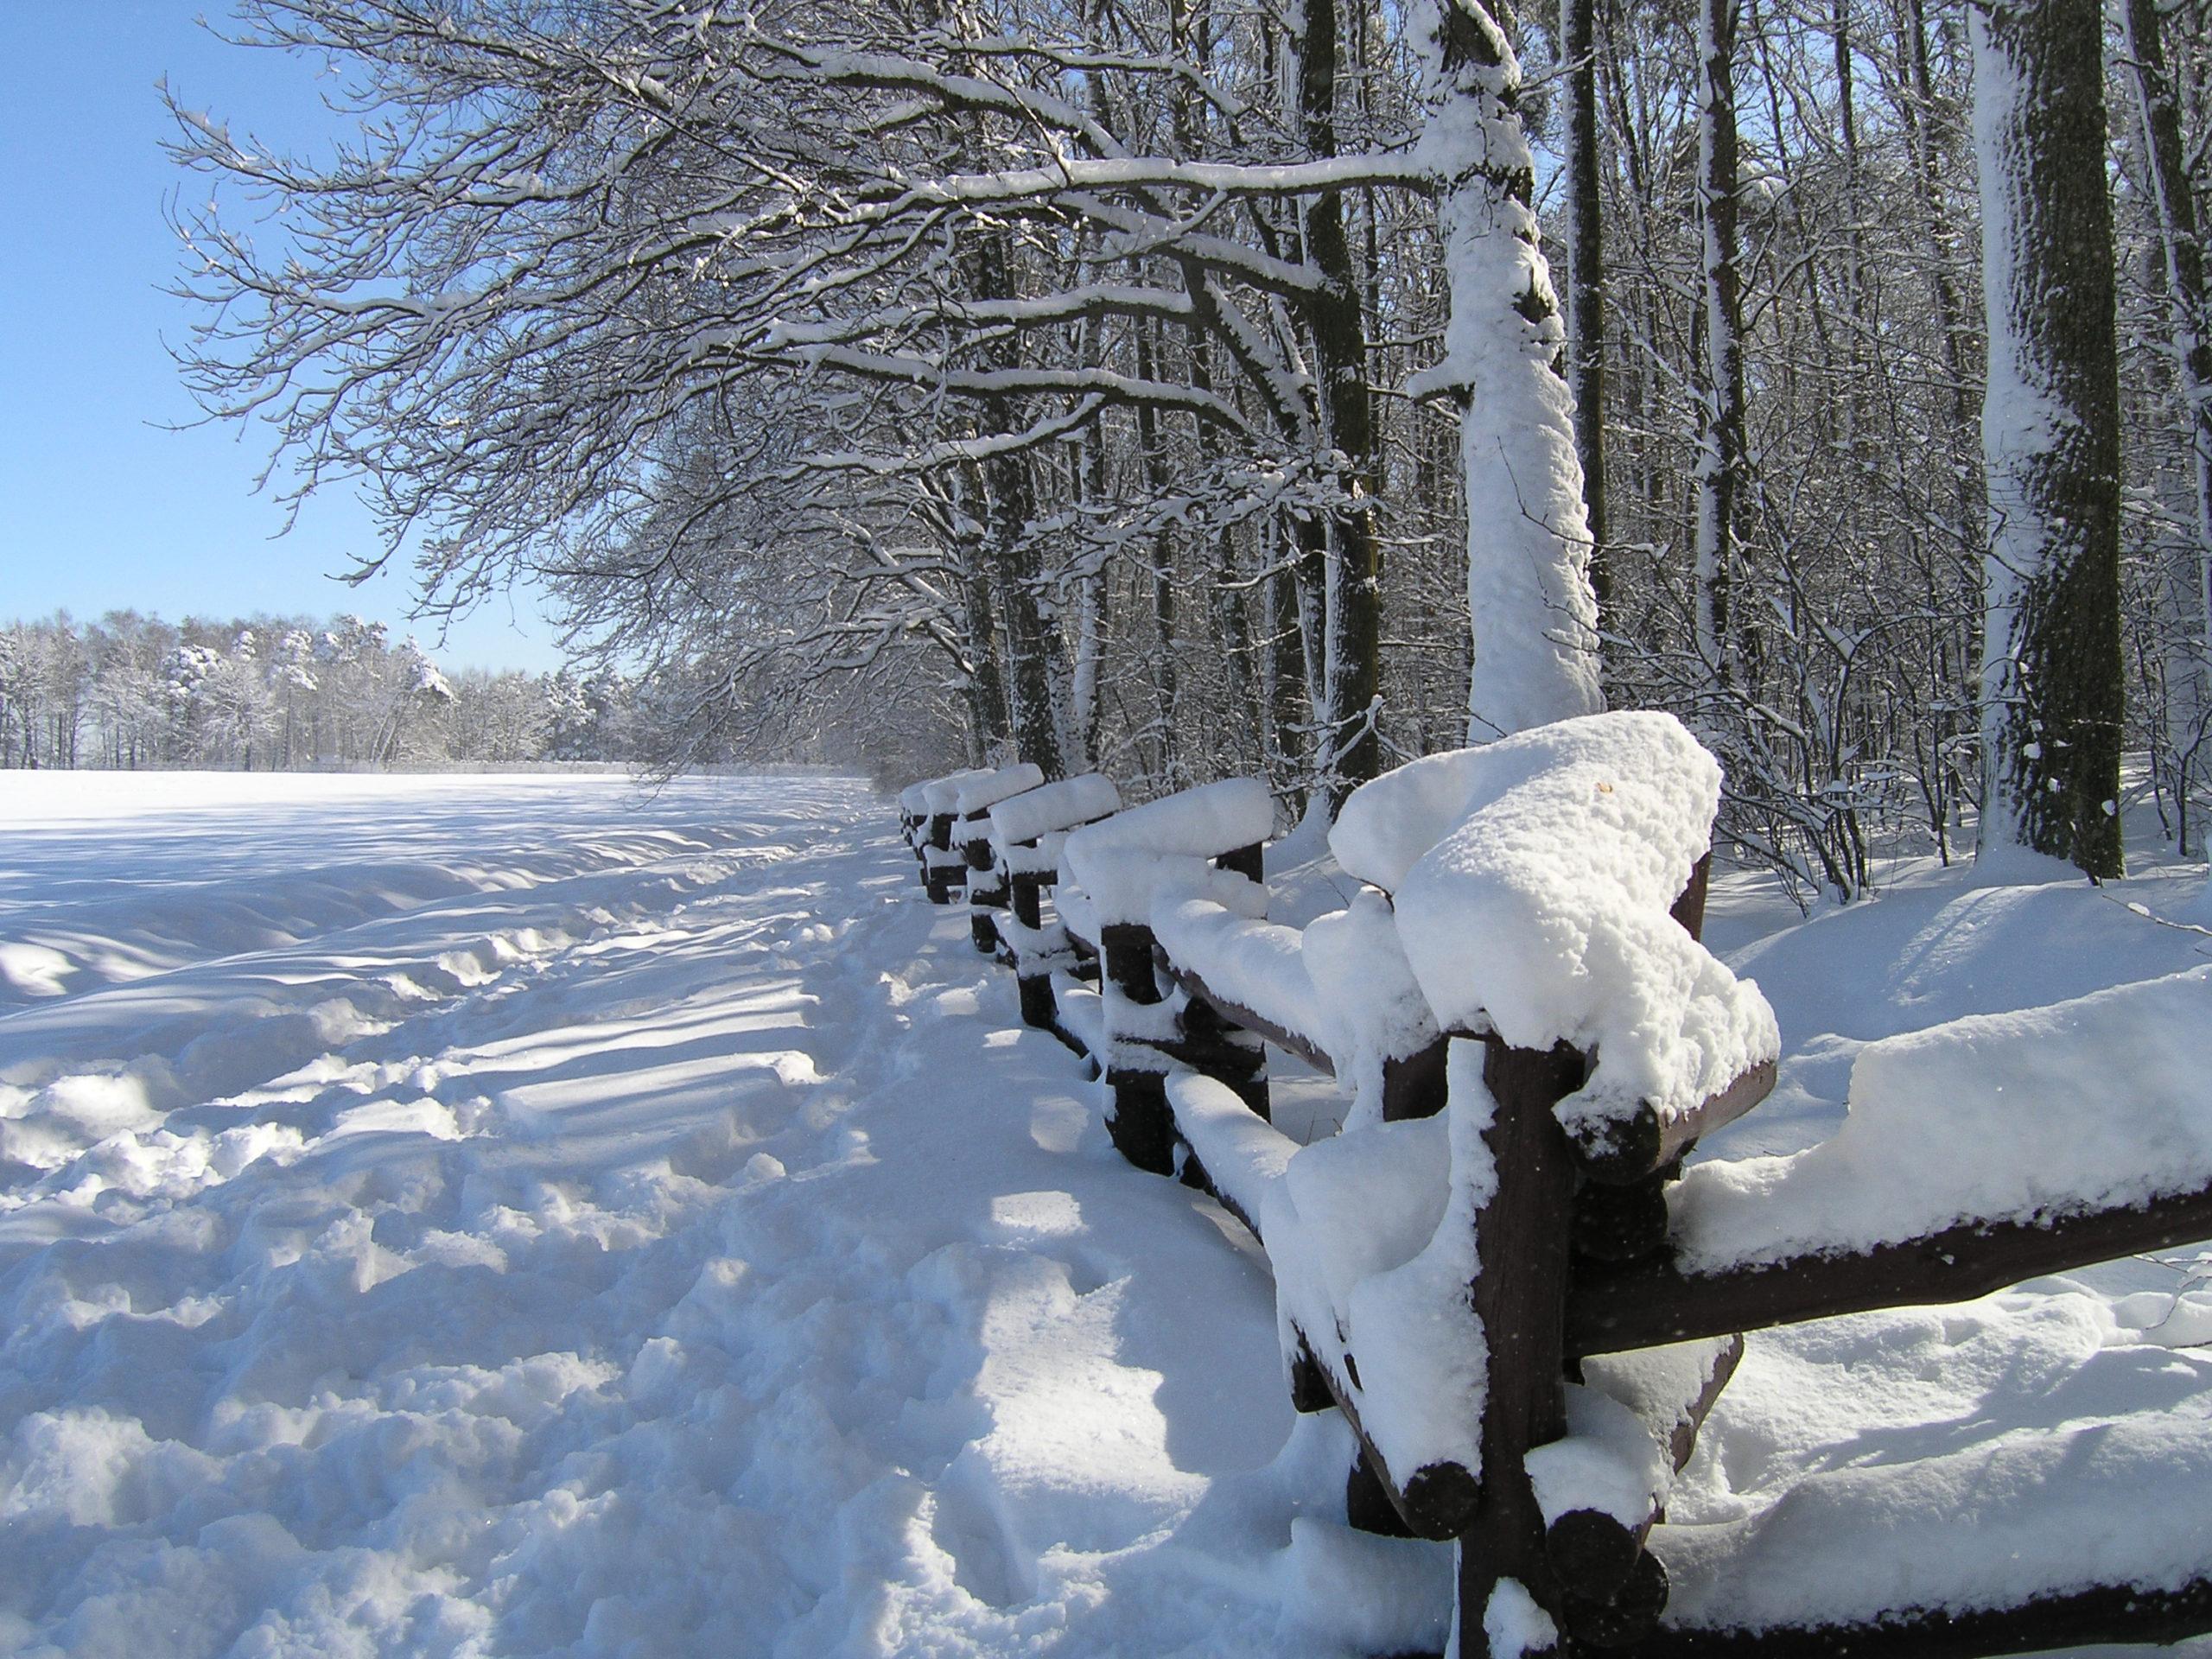 Ogrodzenie pokryte śniegiem